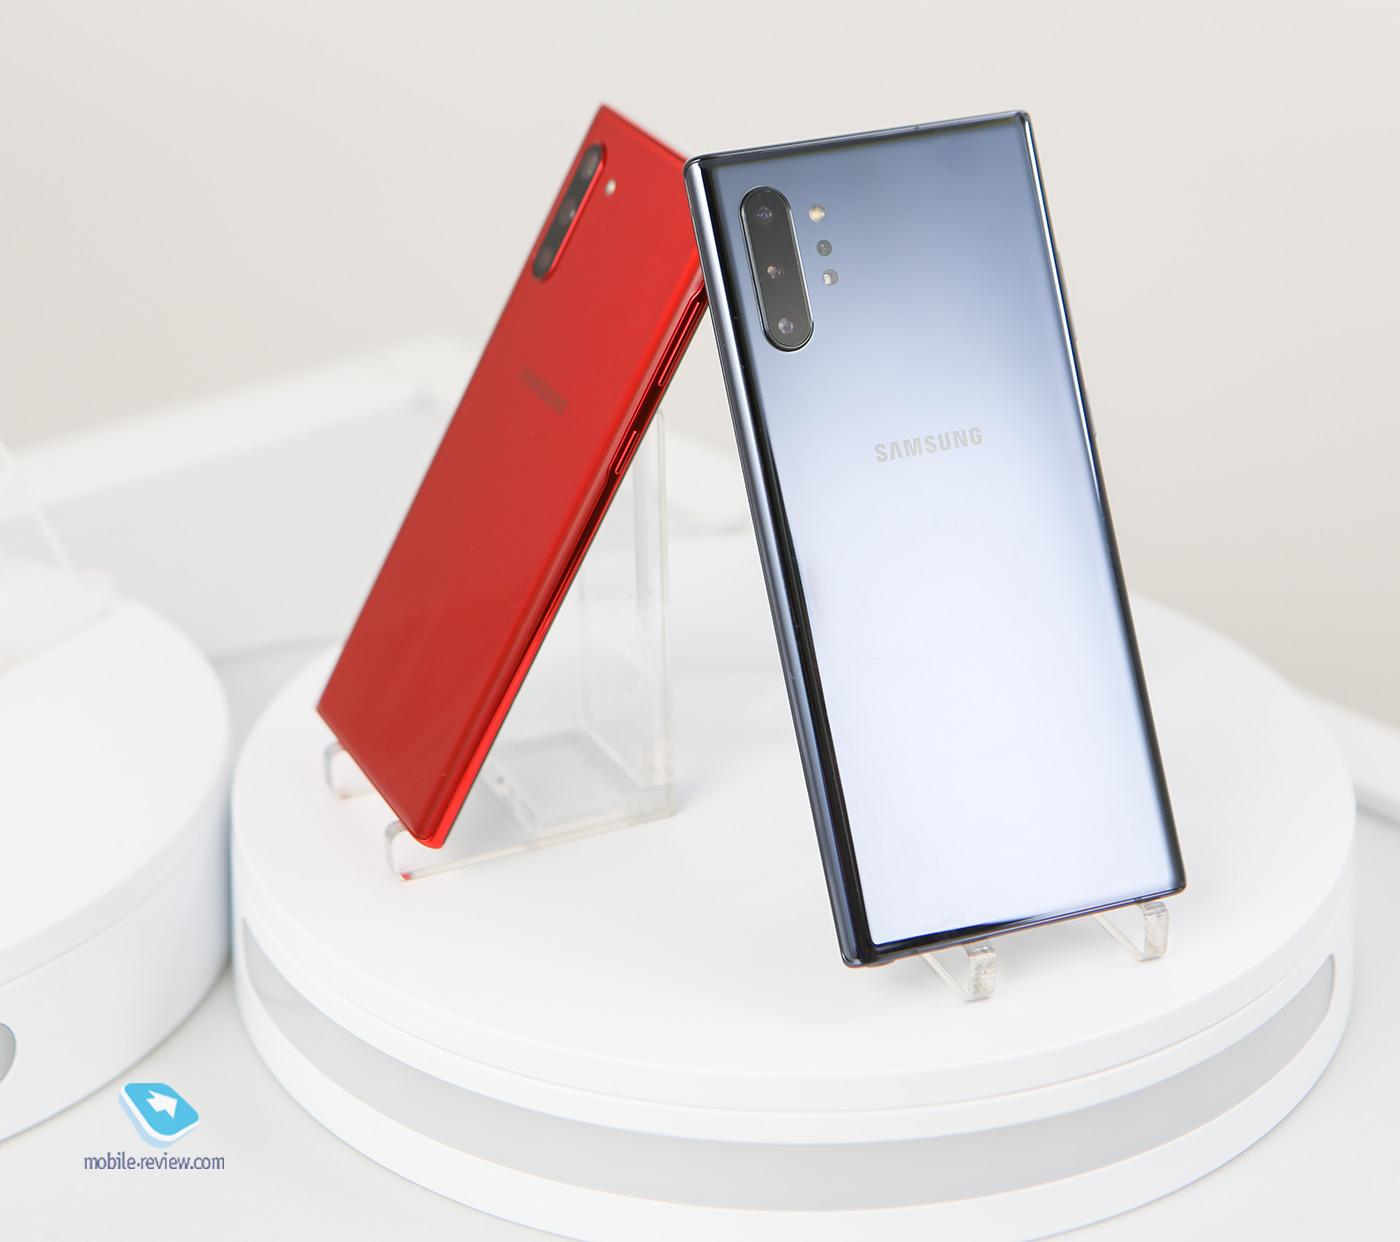 Как получить к тарифу Samsung A51 за 599 рублей?